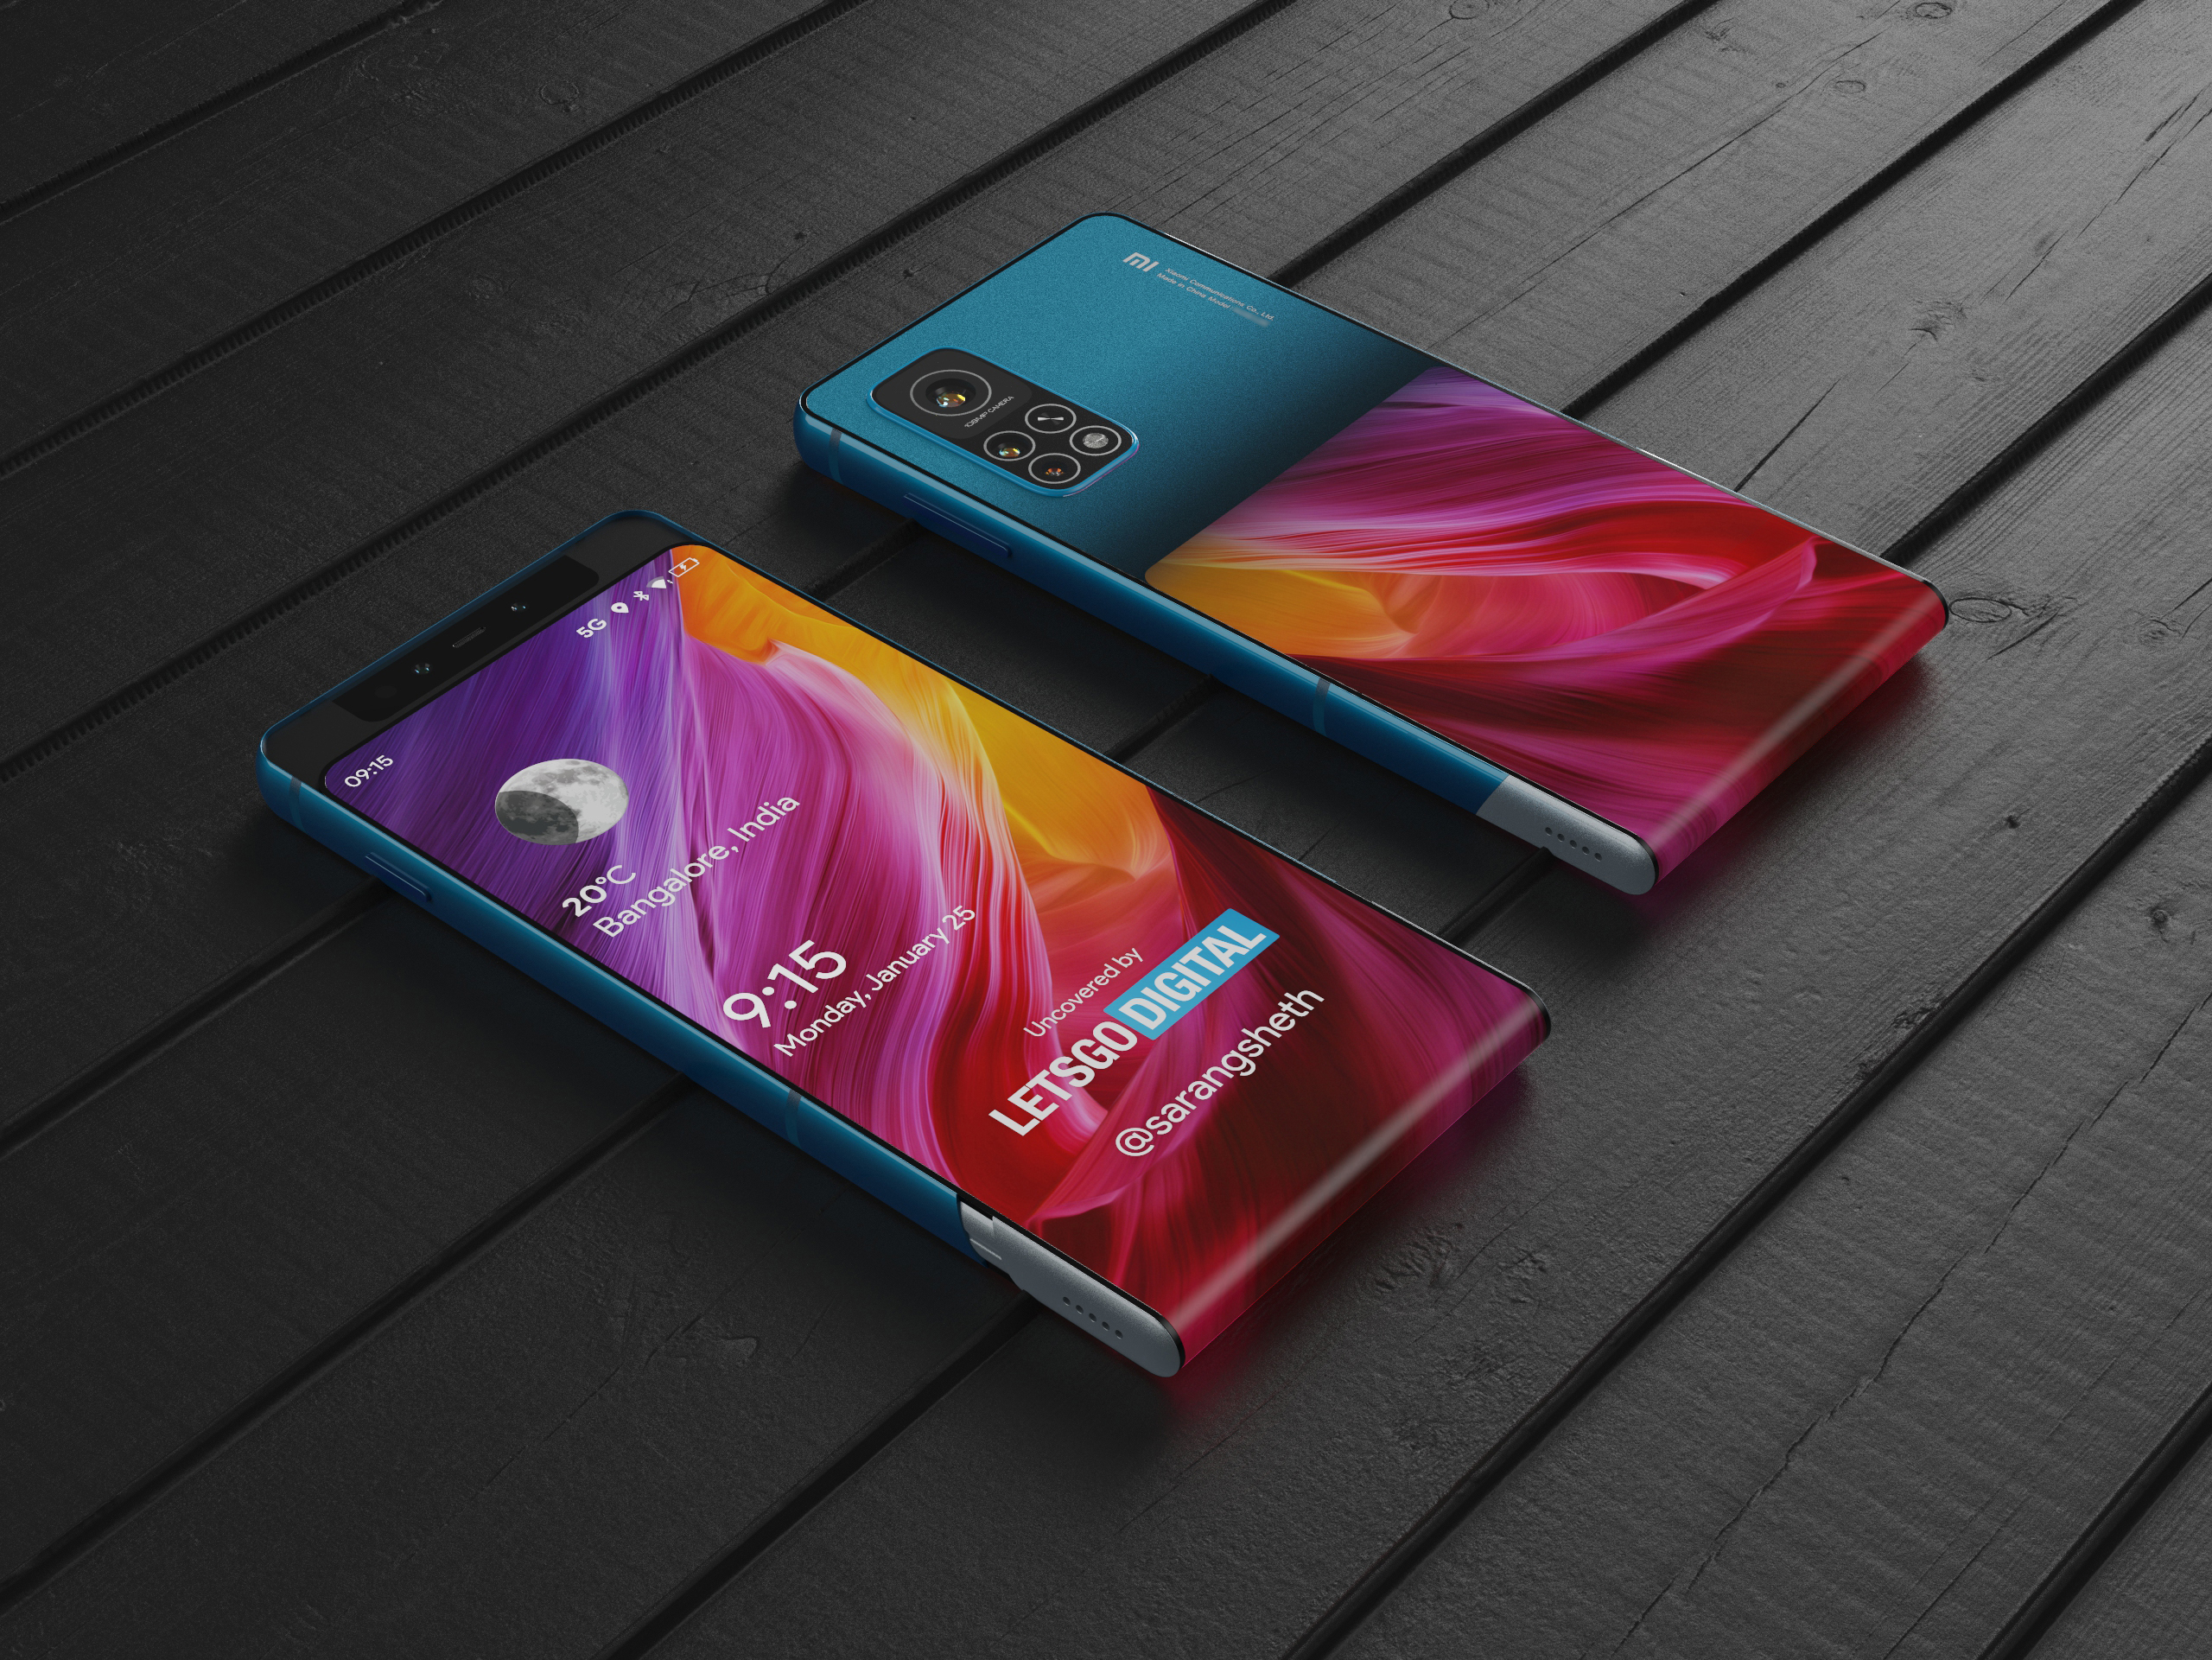 Un smartphone deslizante con pantalla envolvente, así es la última idea de Xiaomi. Noticias Xiaomi Adictos